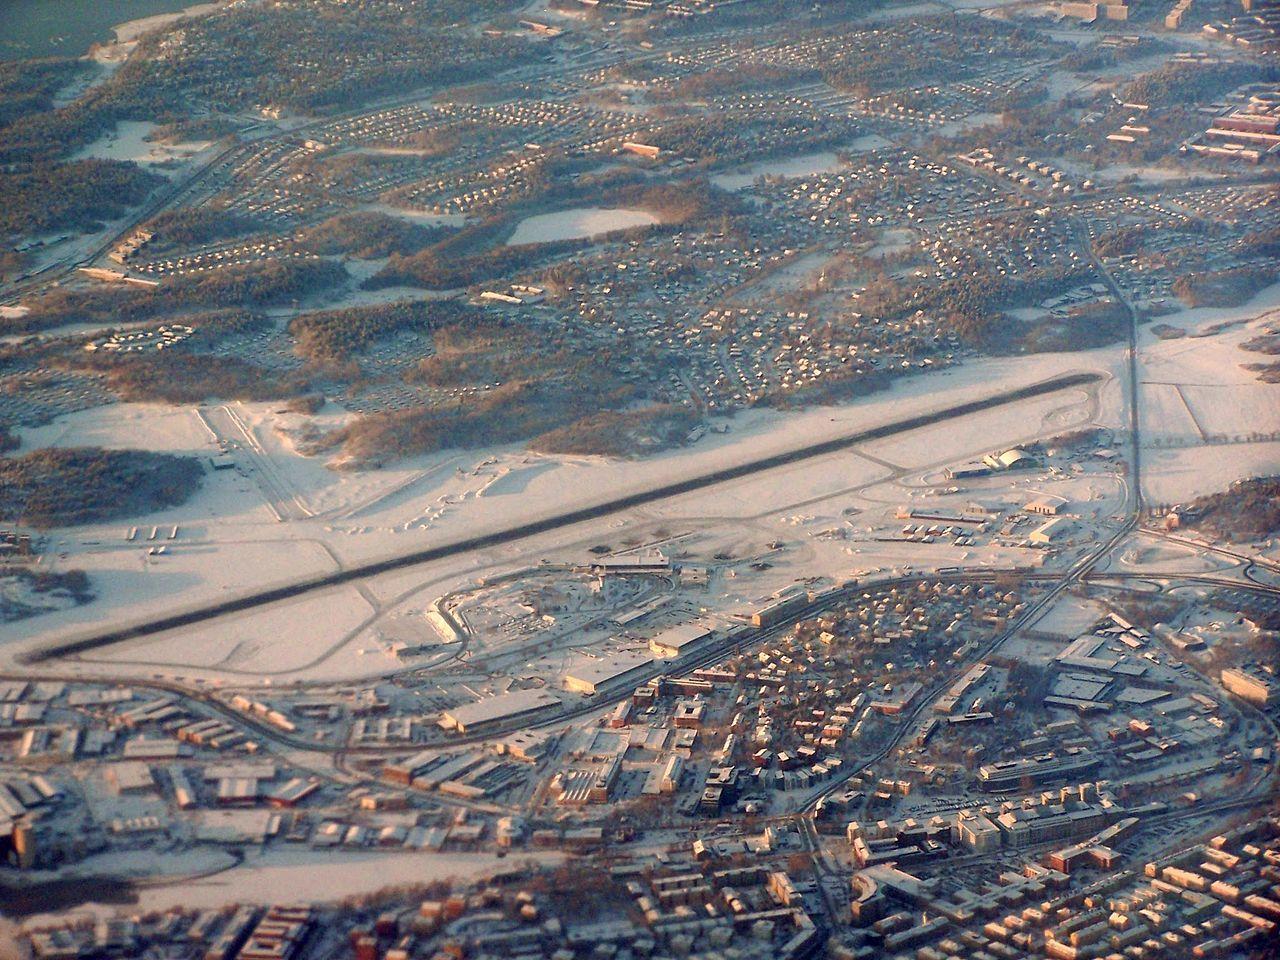 Drönare stoppade flyget till Bromma Flygplats